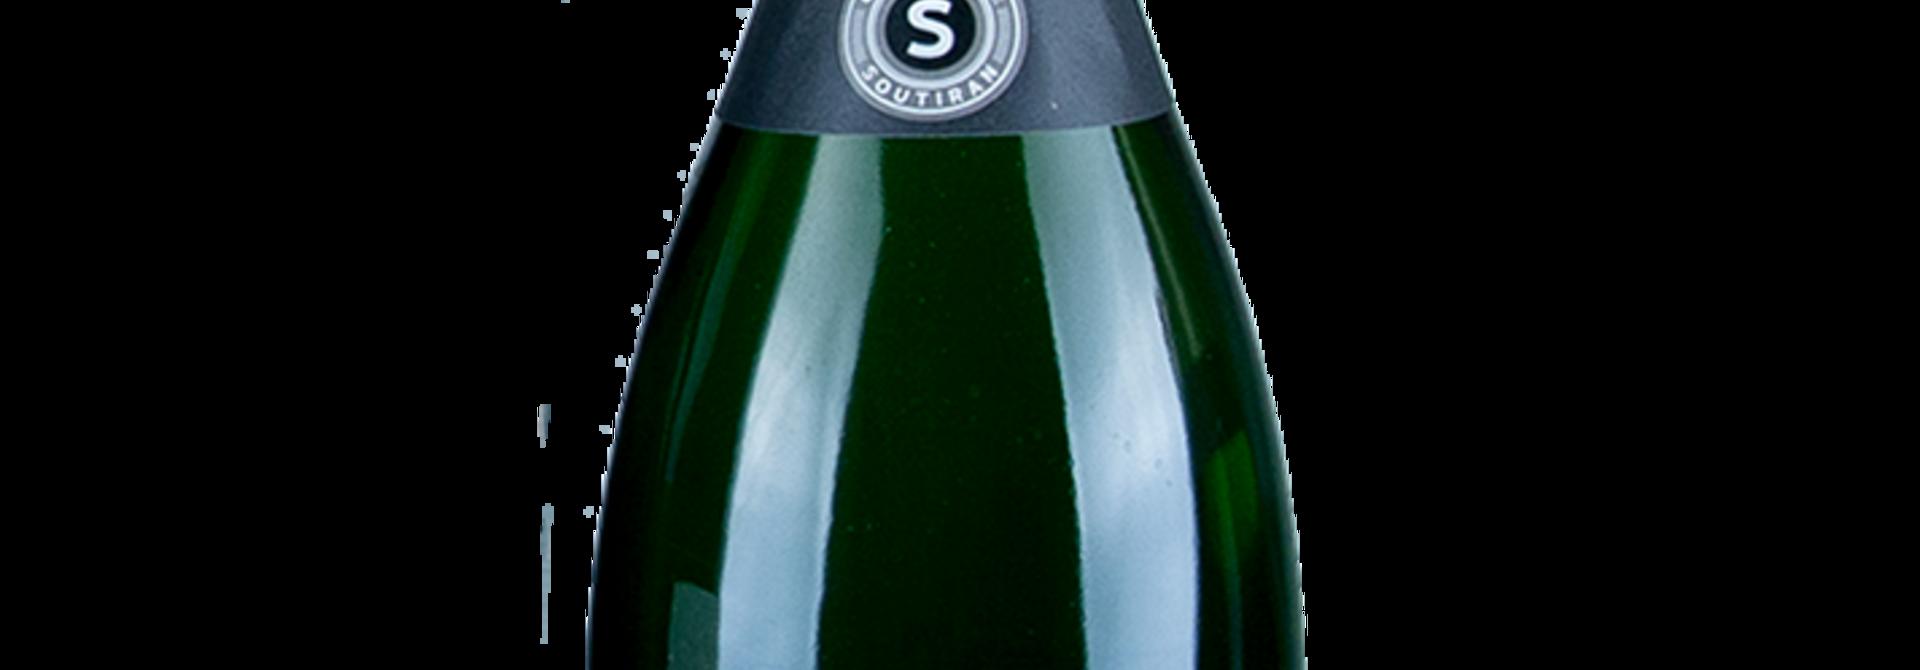 Champagne Soutiran Brut Cuvee Signature  Grand Cru Magnum  1,5ltr